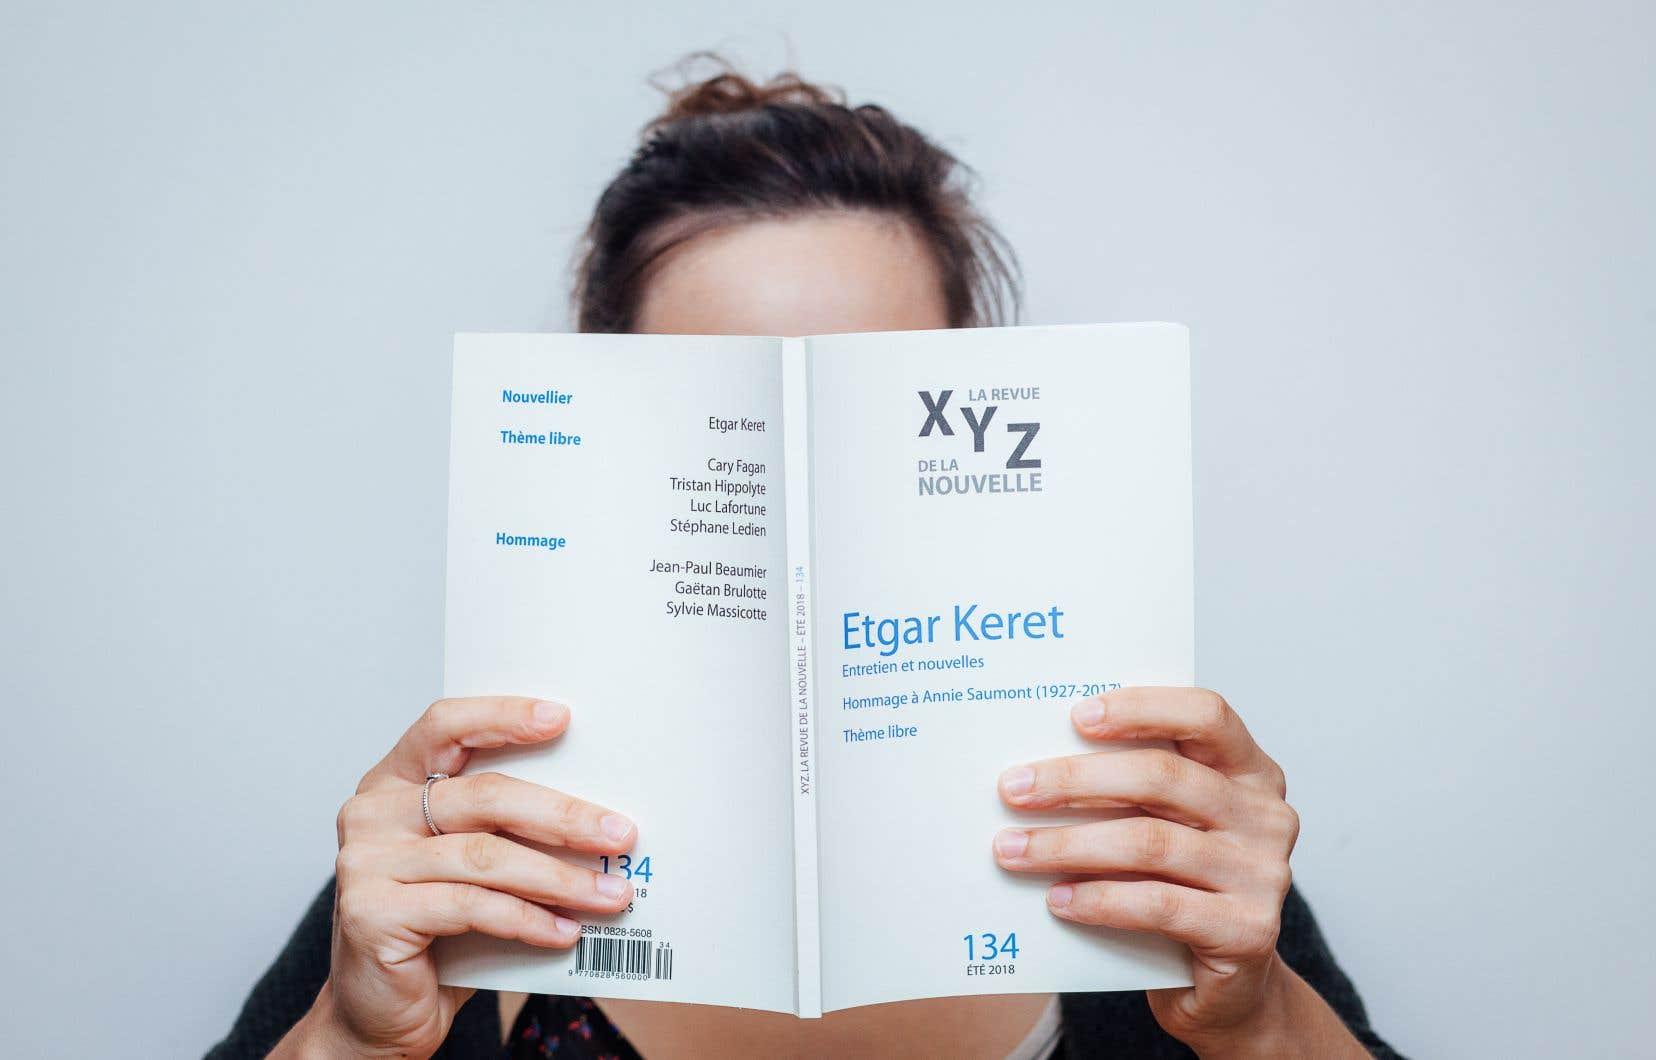 Vanessa Couville réagit, dans ce texte, au débat lancé par sa démission de la revue «XYZ».